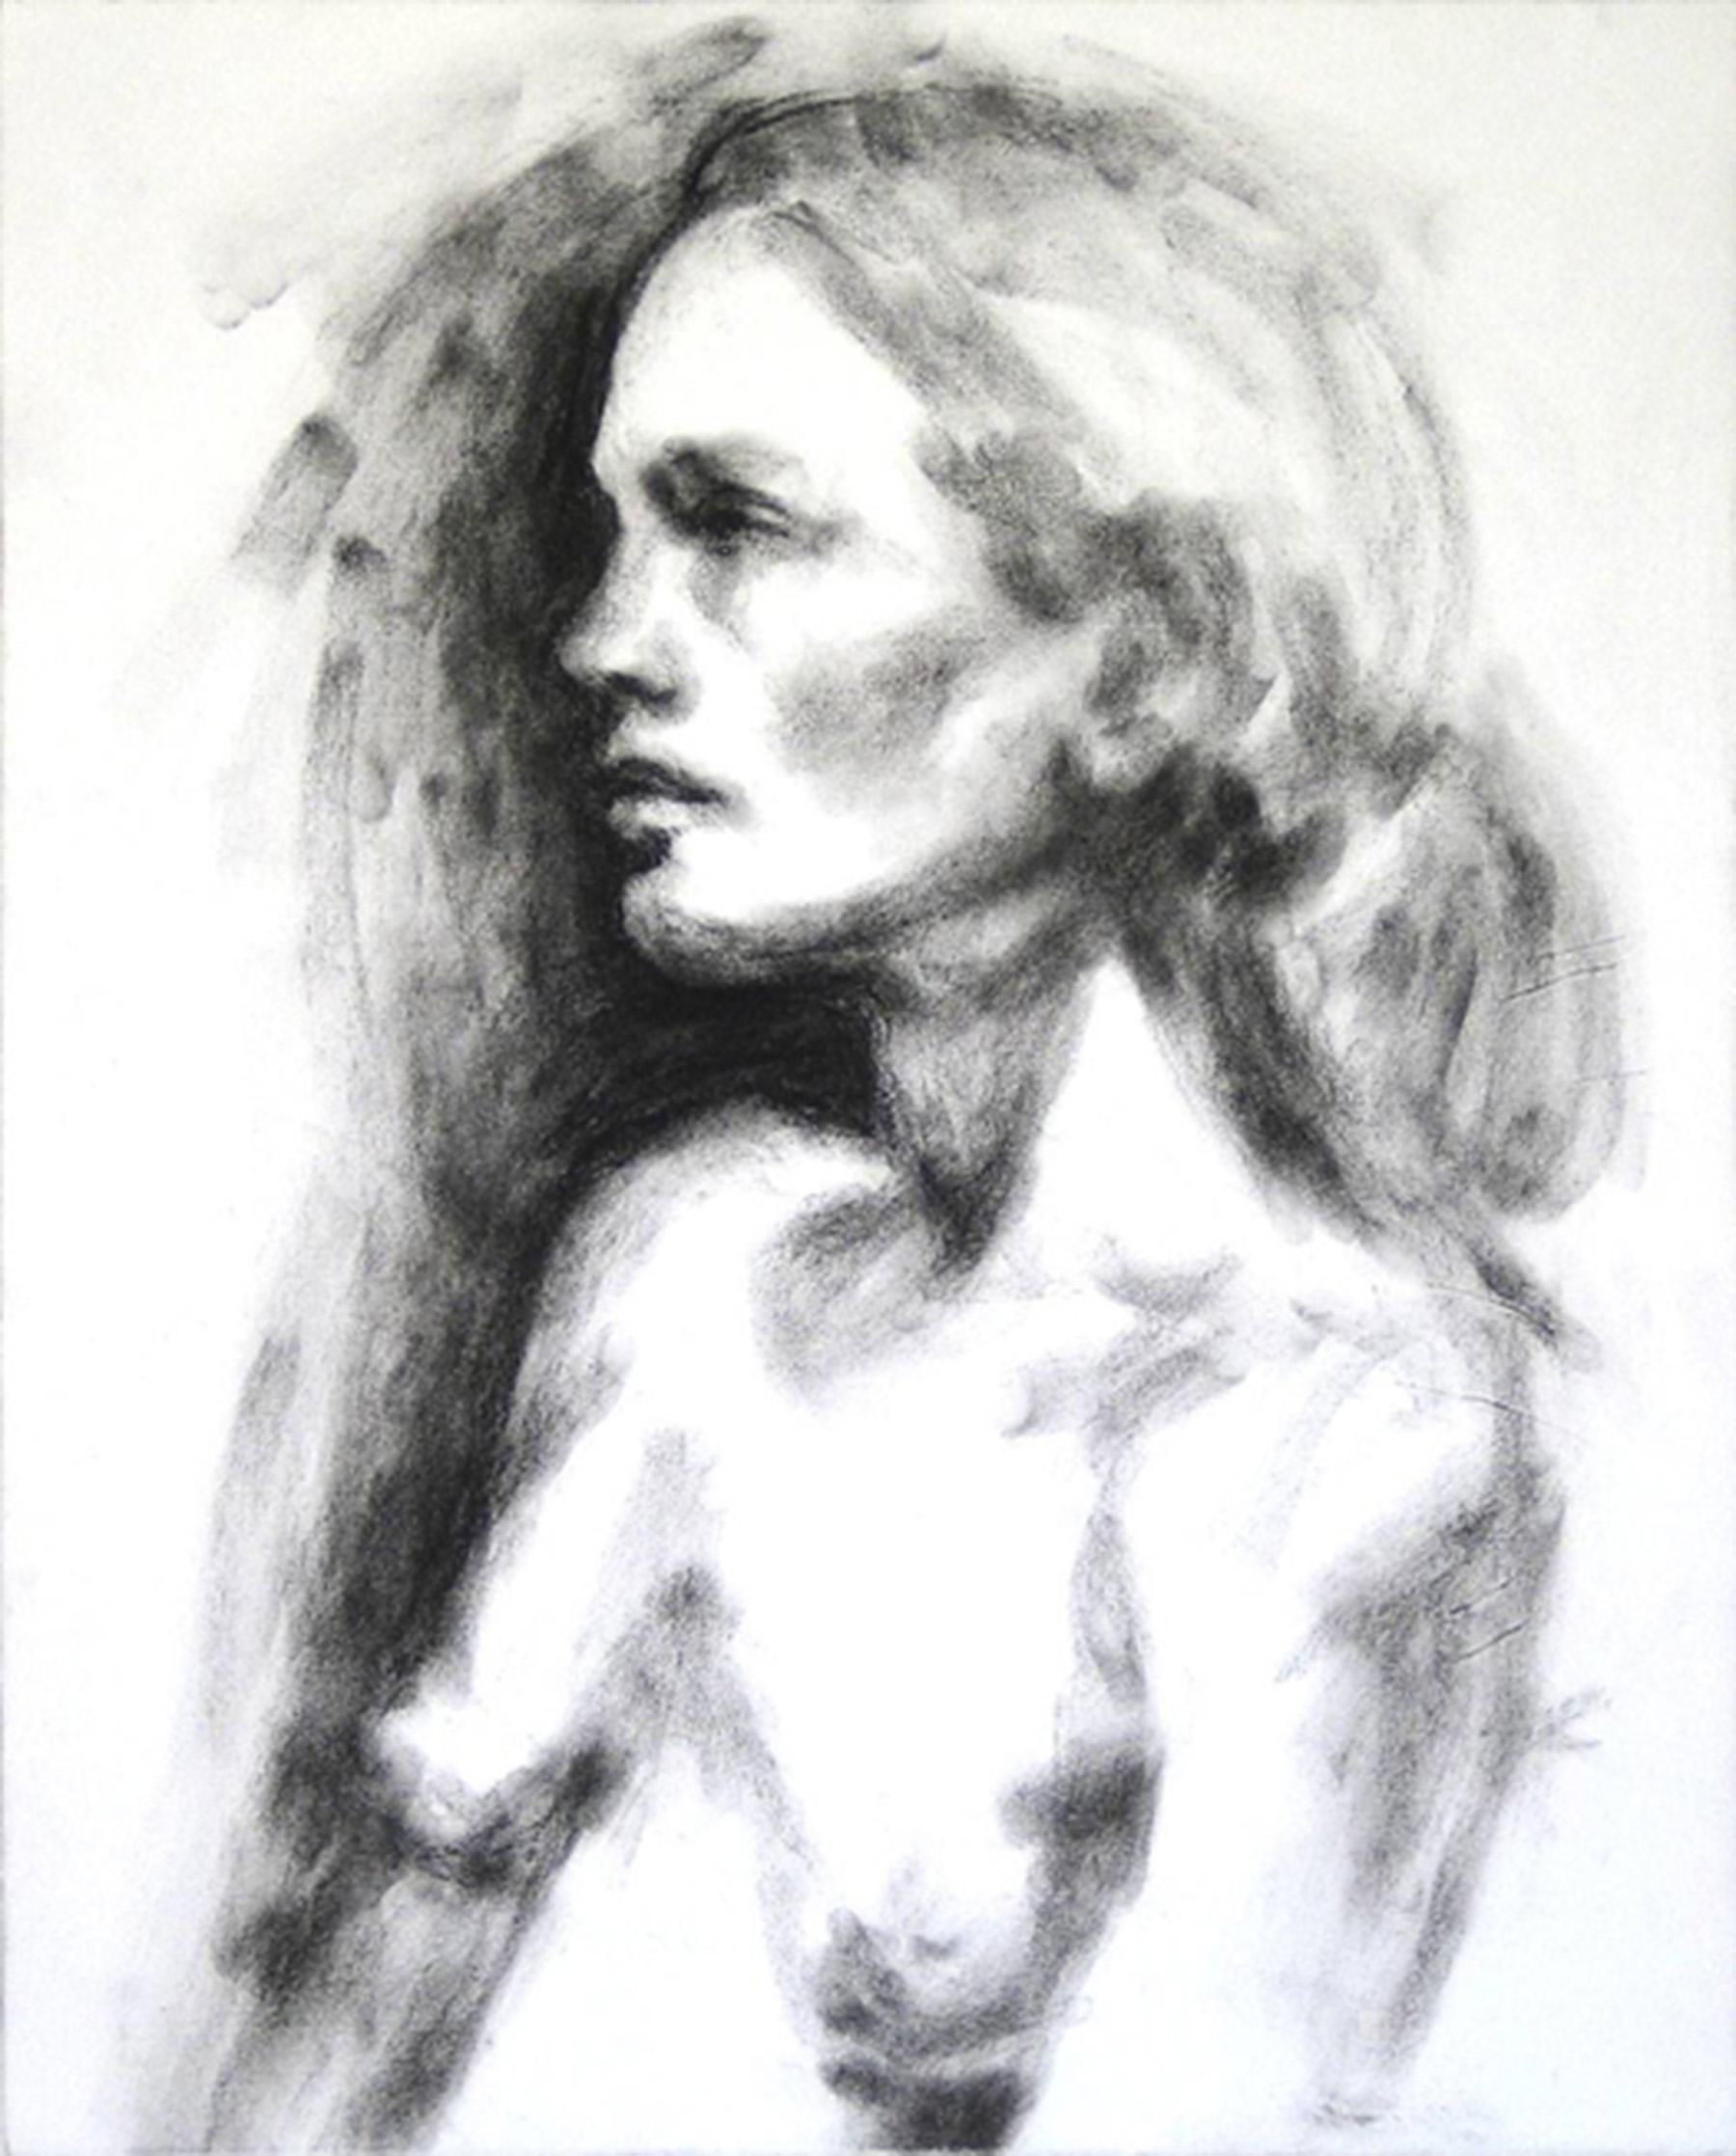 portrait_charcoal